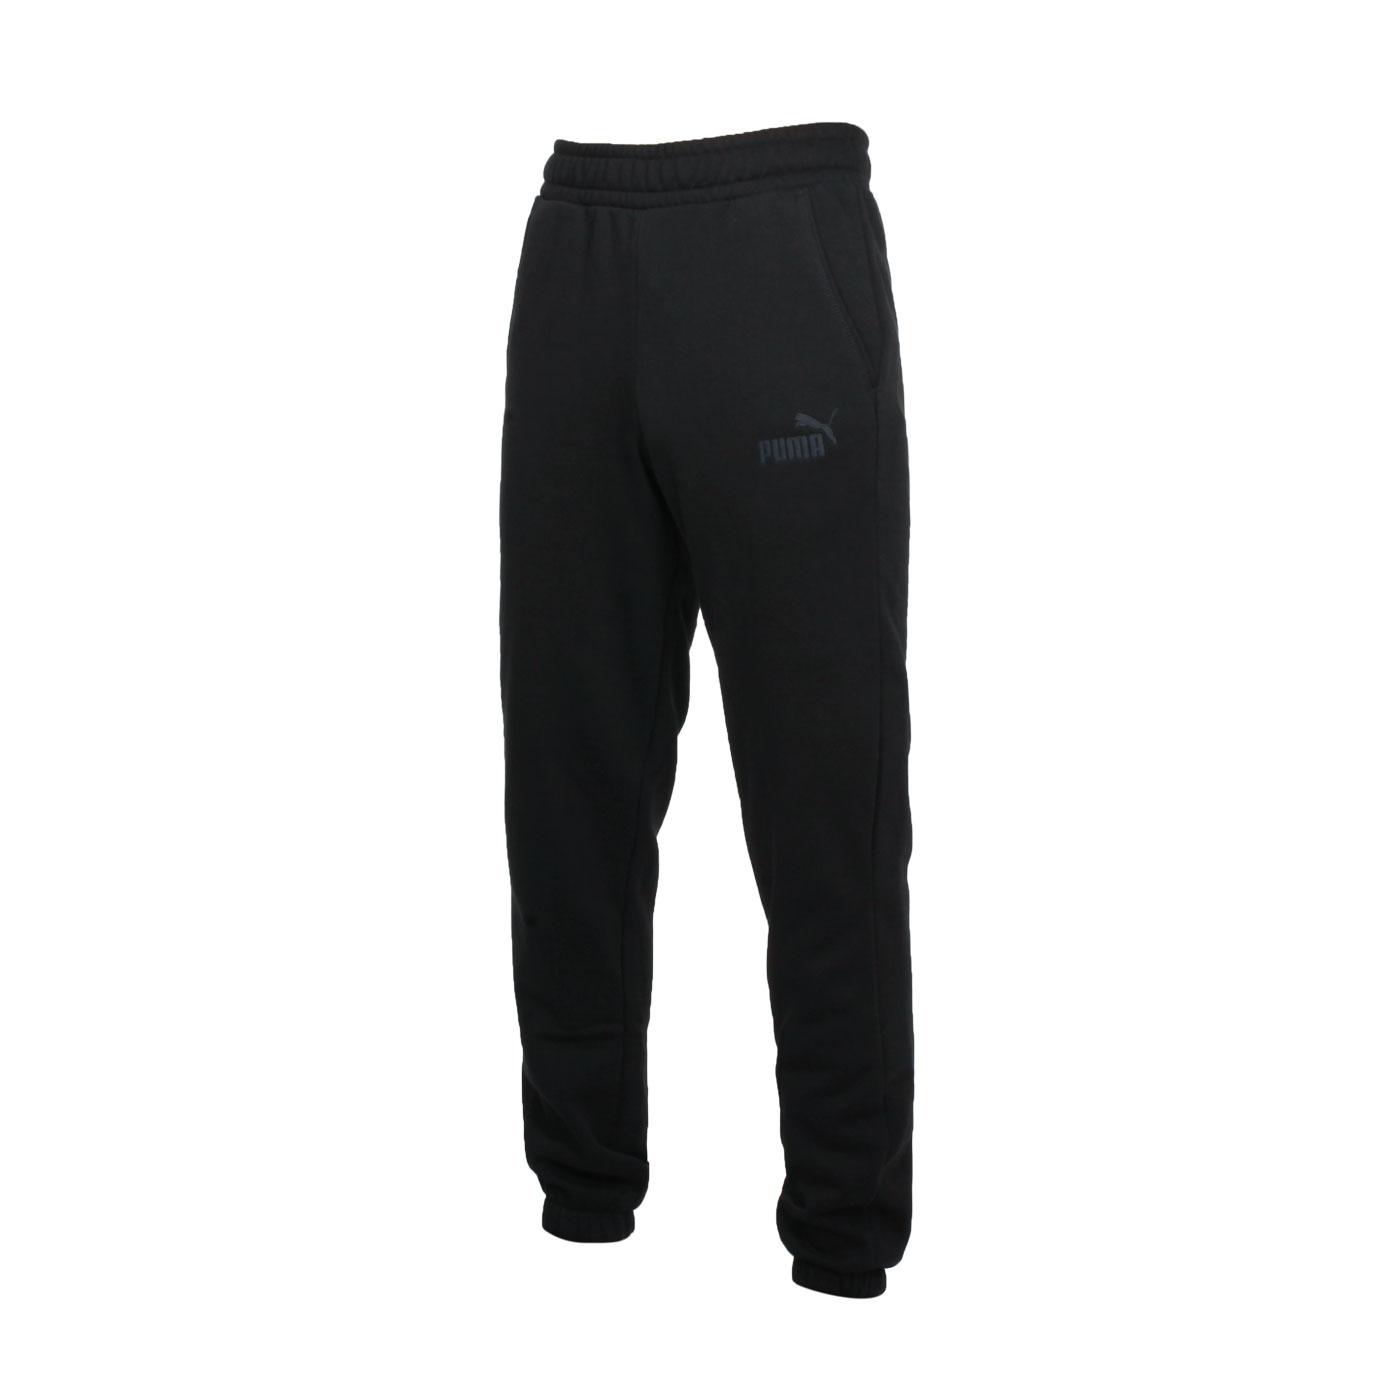 PUMA 男款基本系列ESS+束口長褲 58943801 - 黑